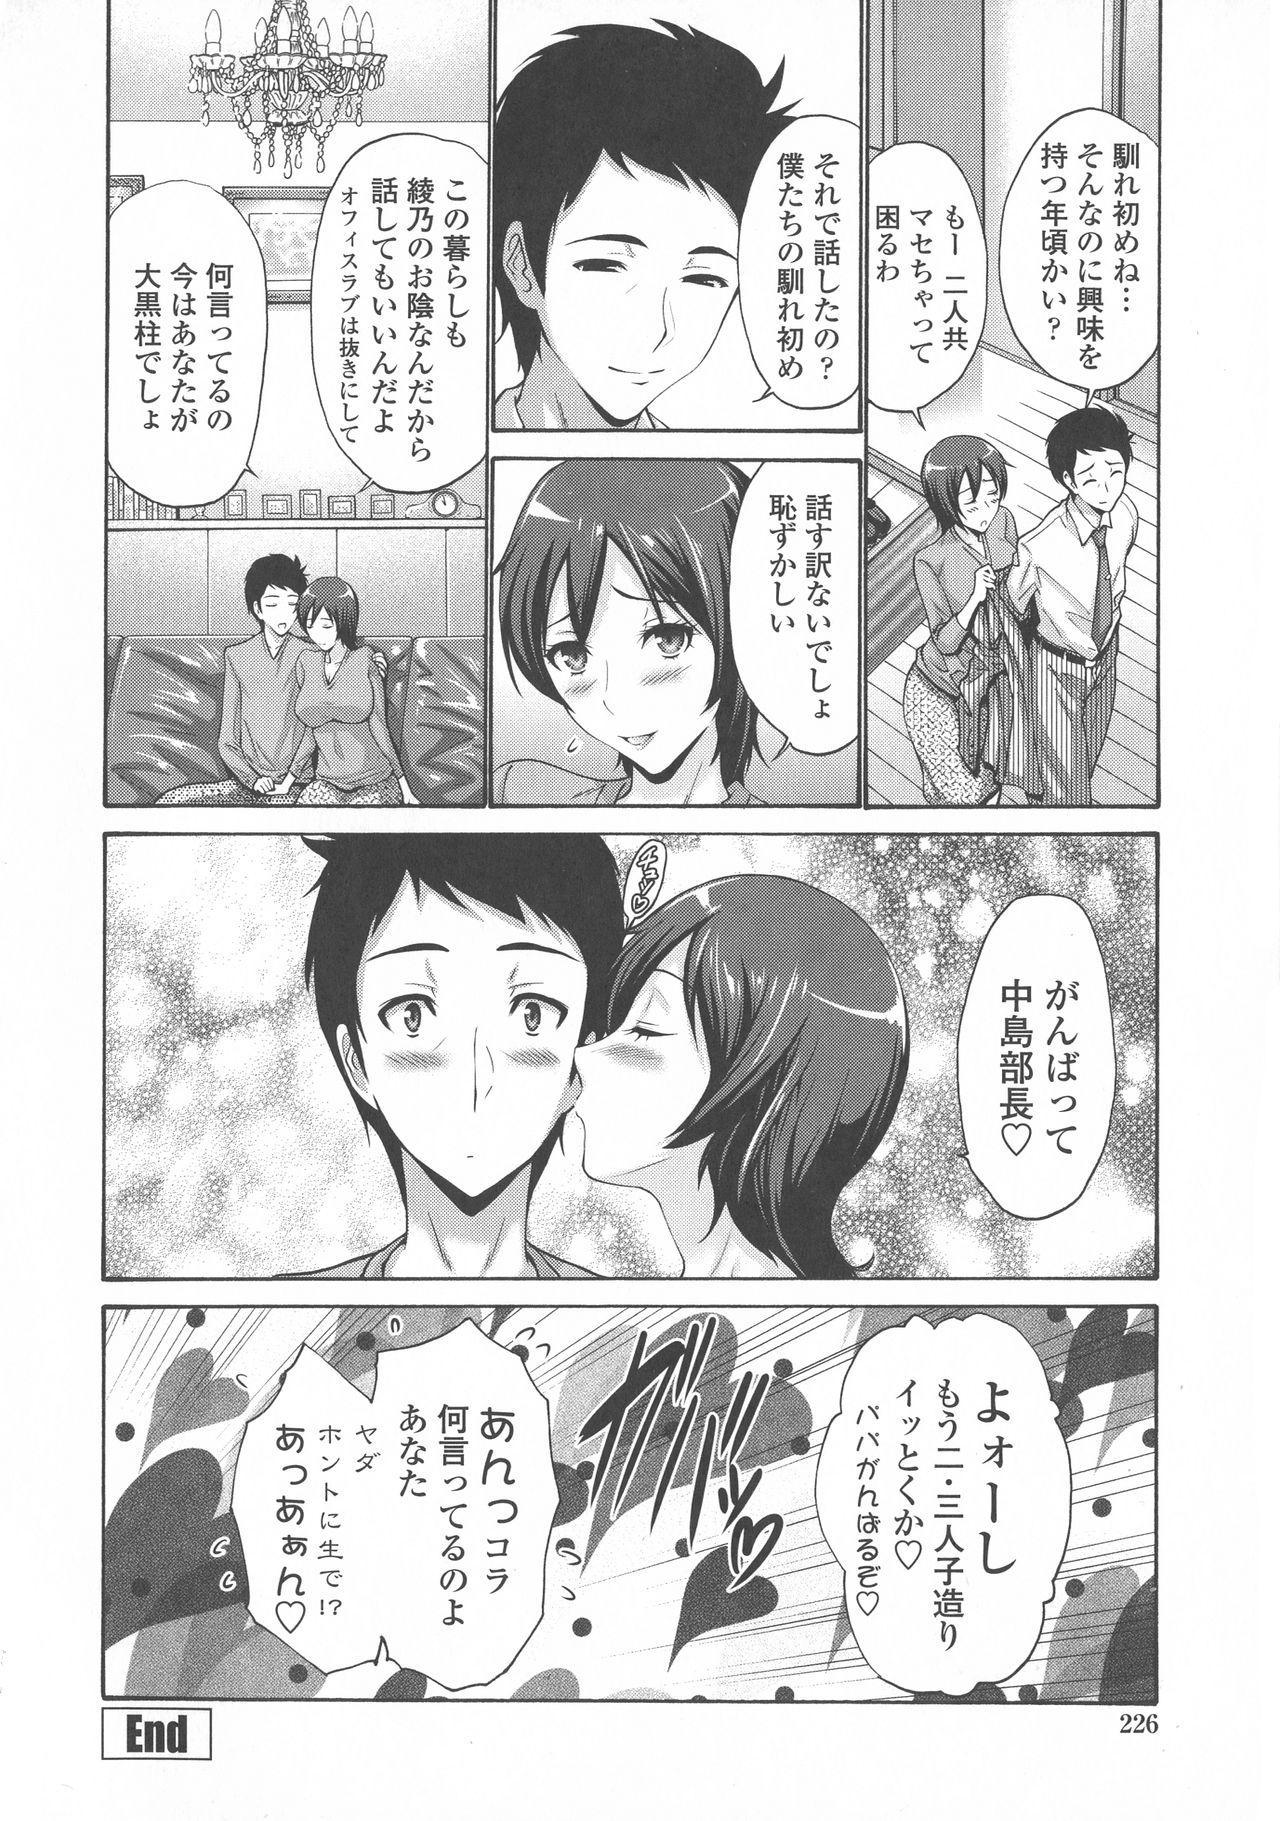 Tomodachi no Haha wa Boku no Mono - His Mother is My Love Hole 230